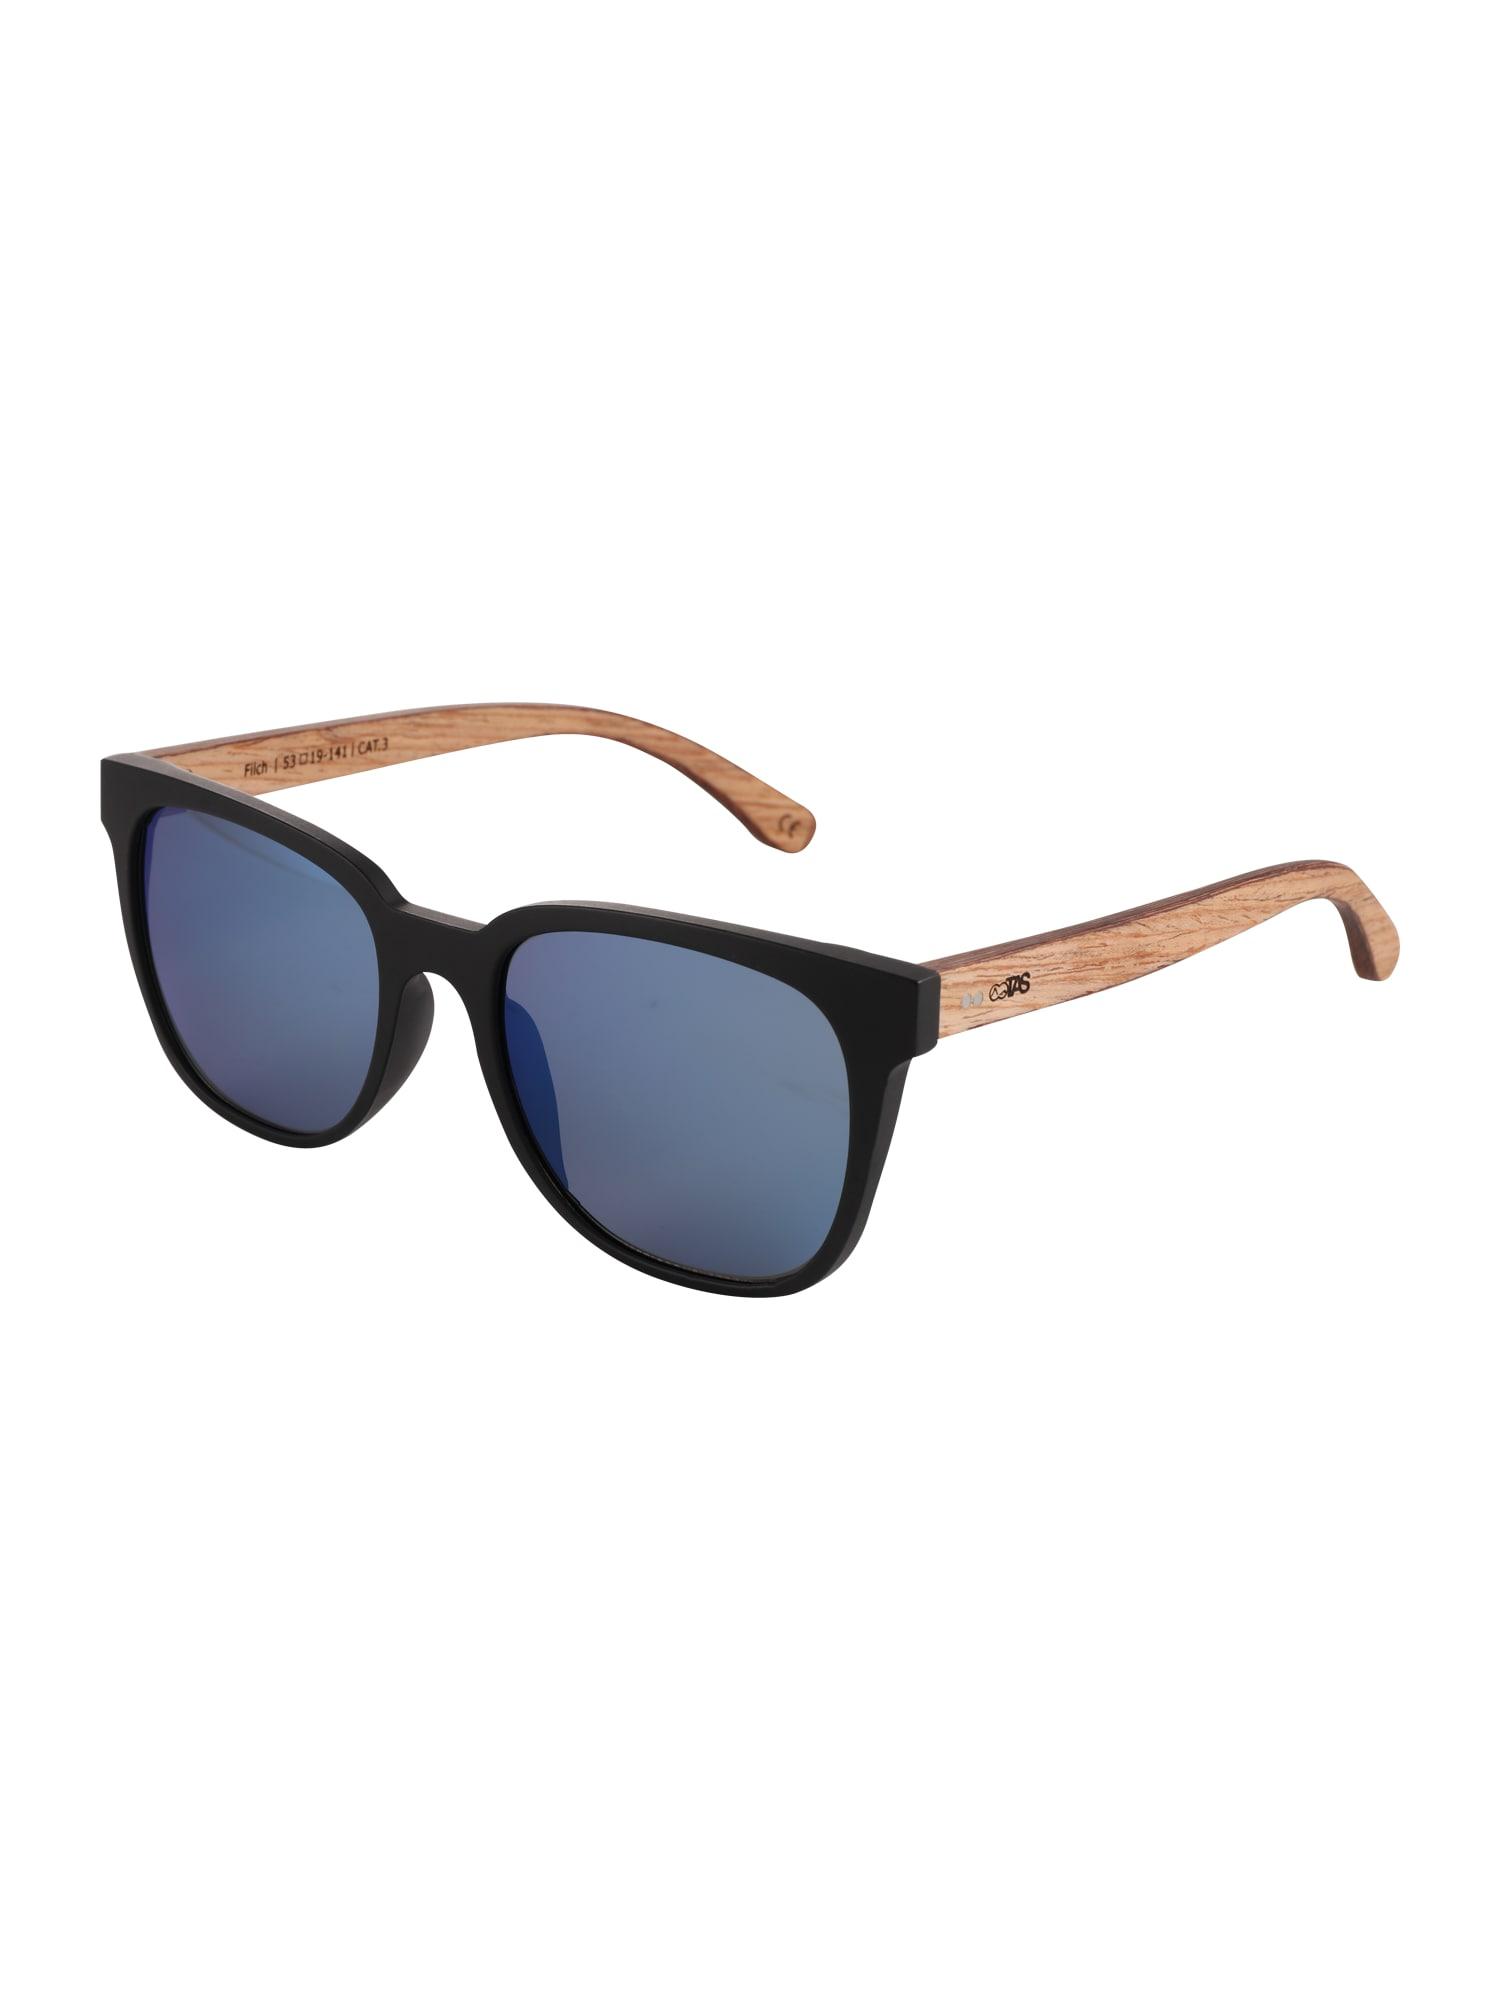 Sluneční brýle The Pennies Collection modrá hnědá černá TAKE A SHOT